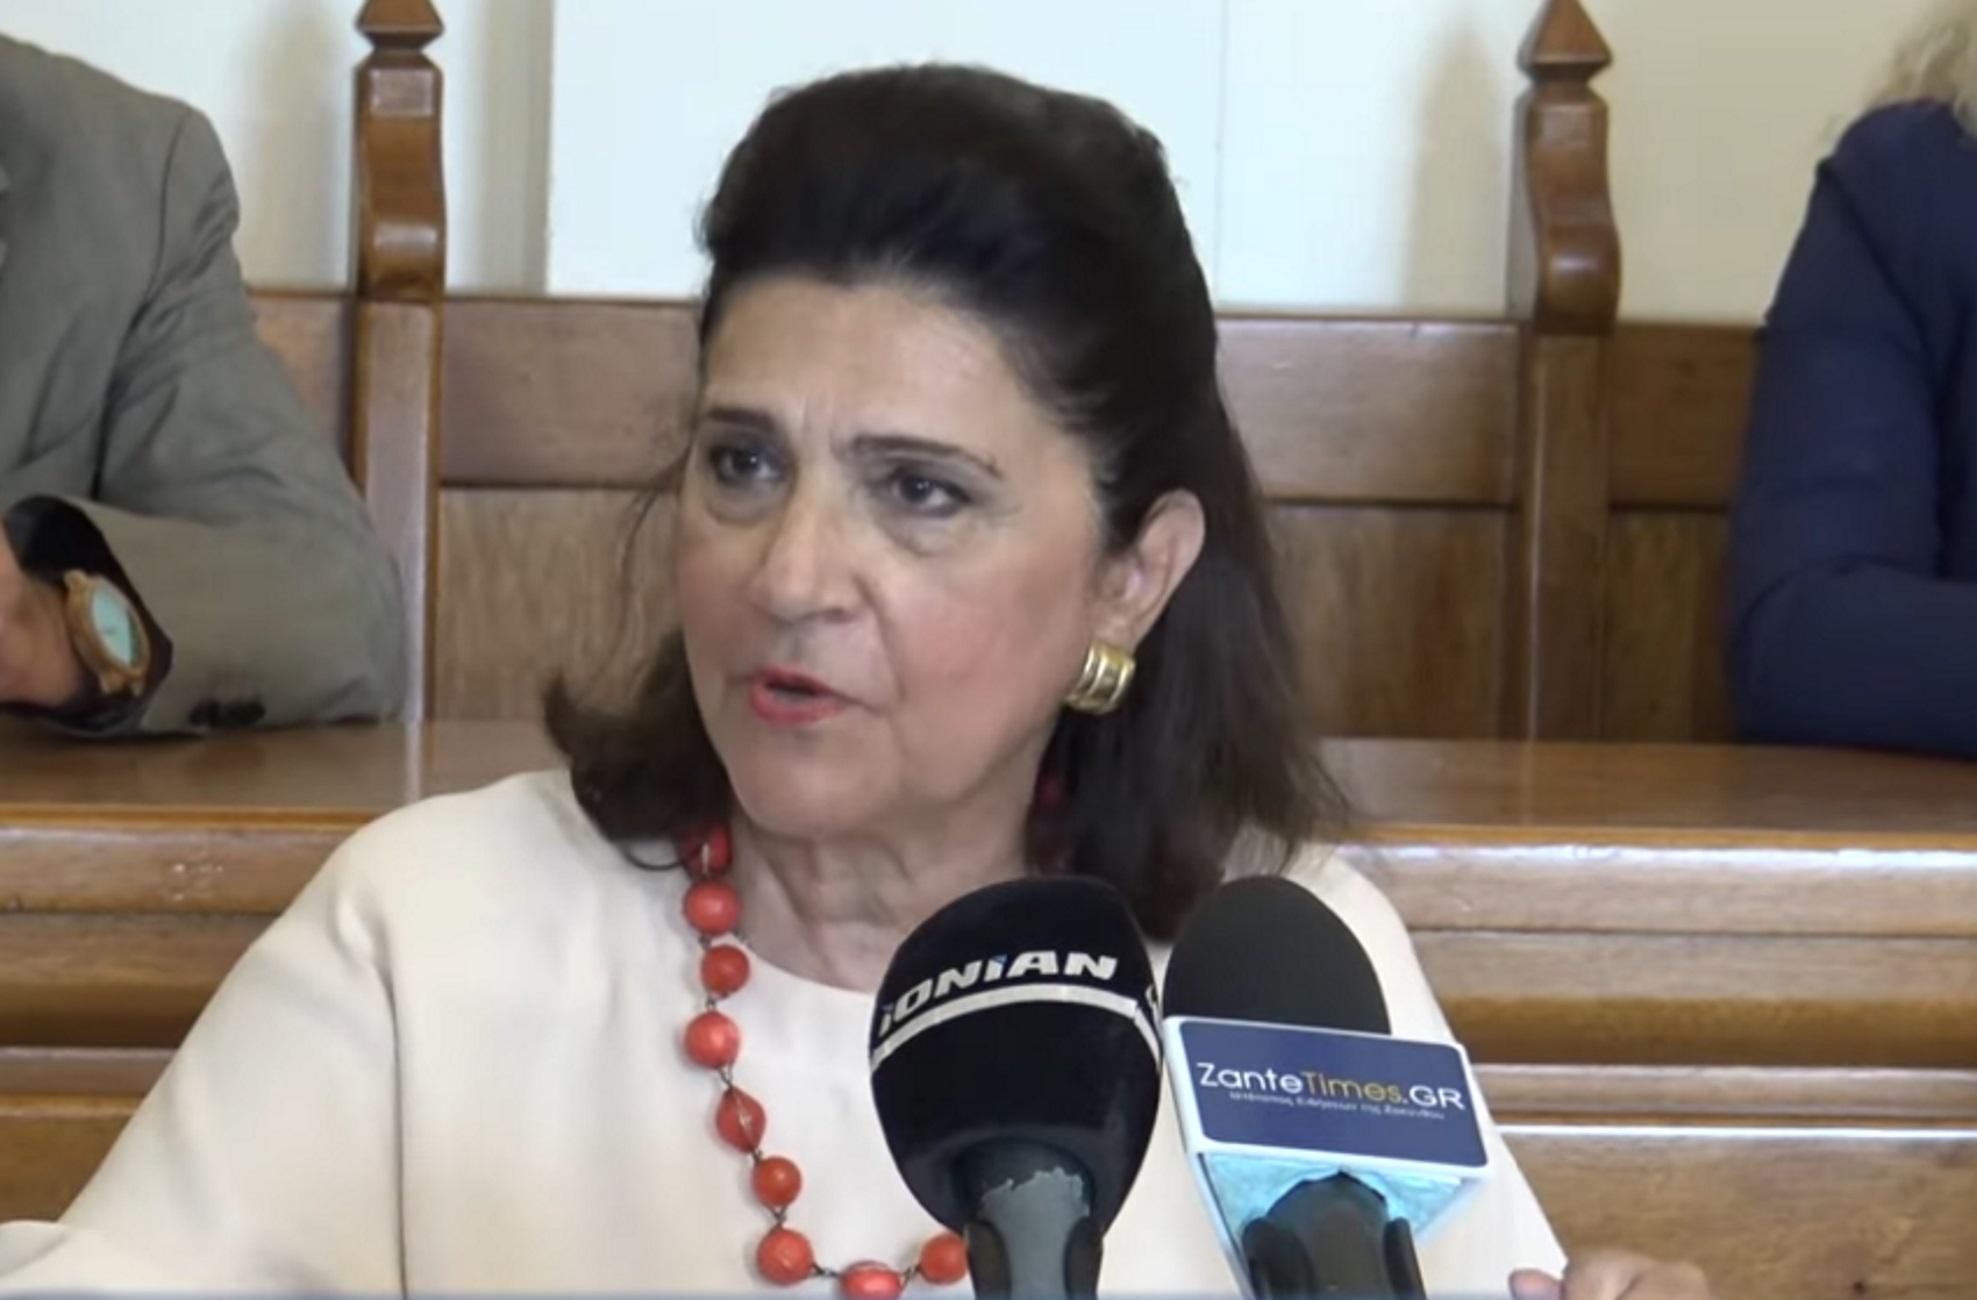 Ζάκυνθος: Λύθηκε το μυστήριο για τα μεταξωτά φουλάρια που παρήγγειλε η Περιφέρεια Ιονίων Νήσων (Βίντεο)